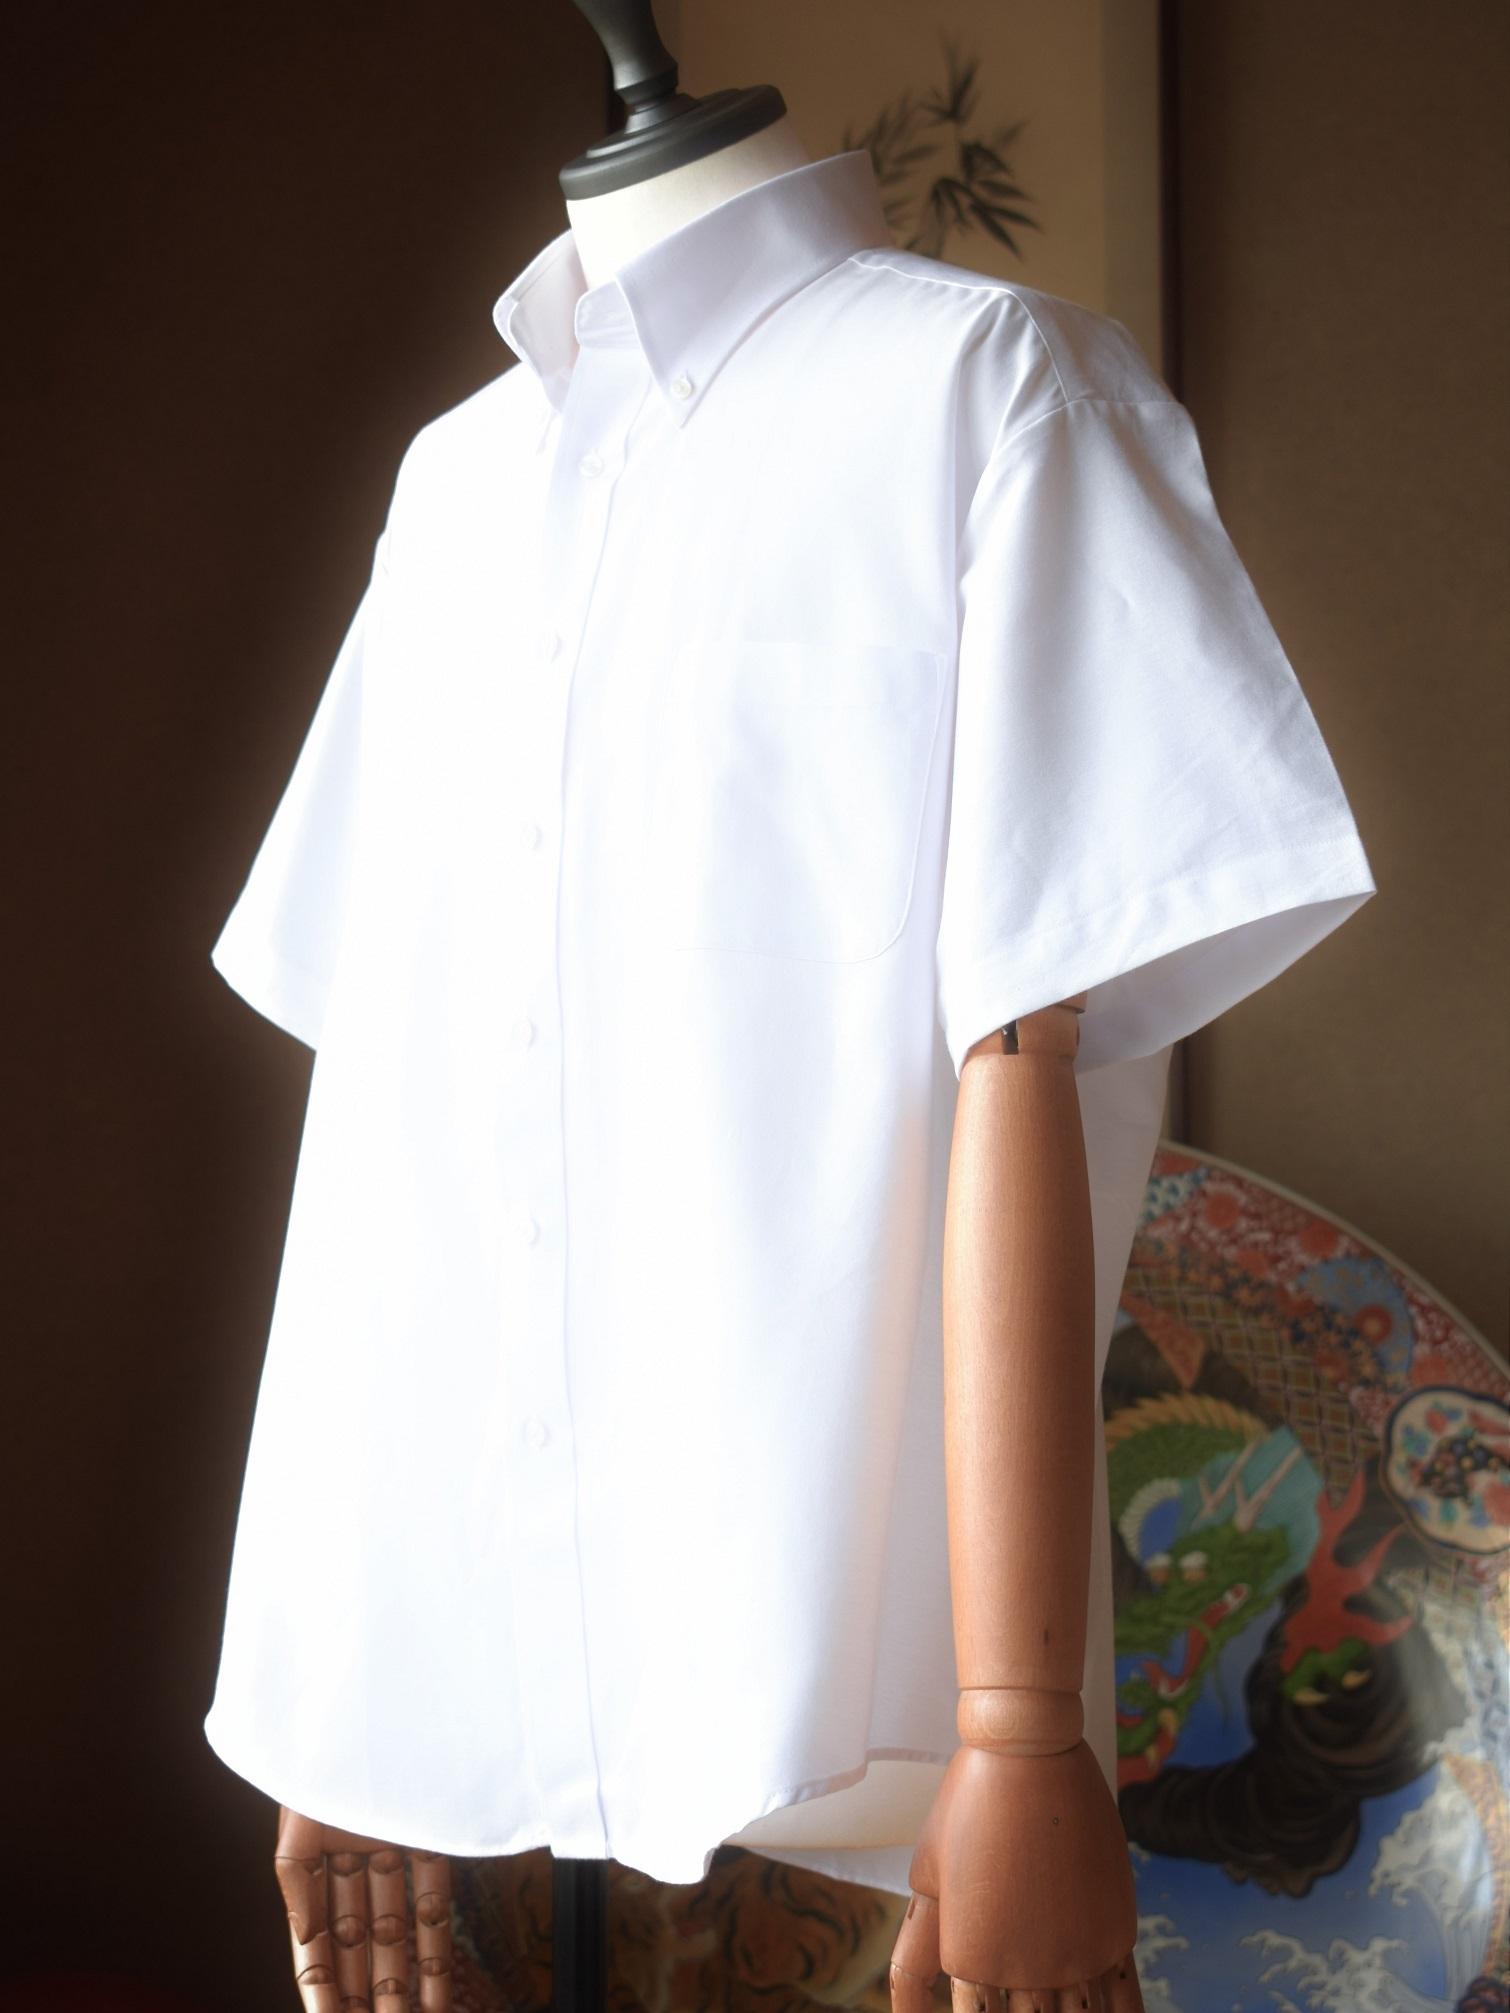 【大きめサイズ3L】無地ボタンダウン半袖シャツ(ホワイト) EW